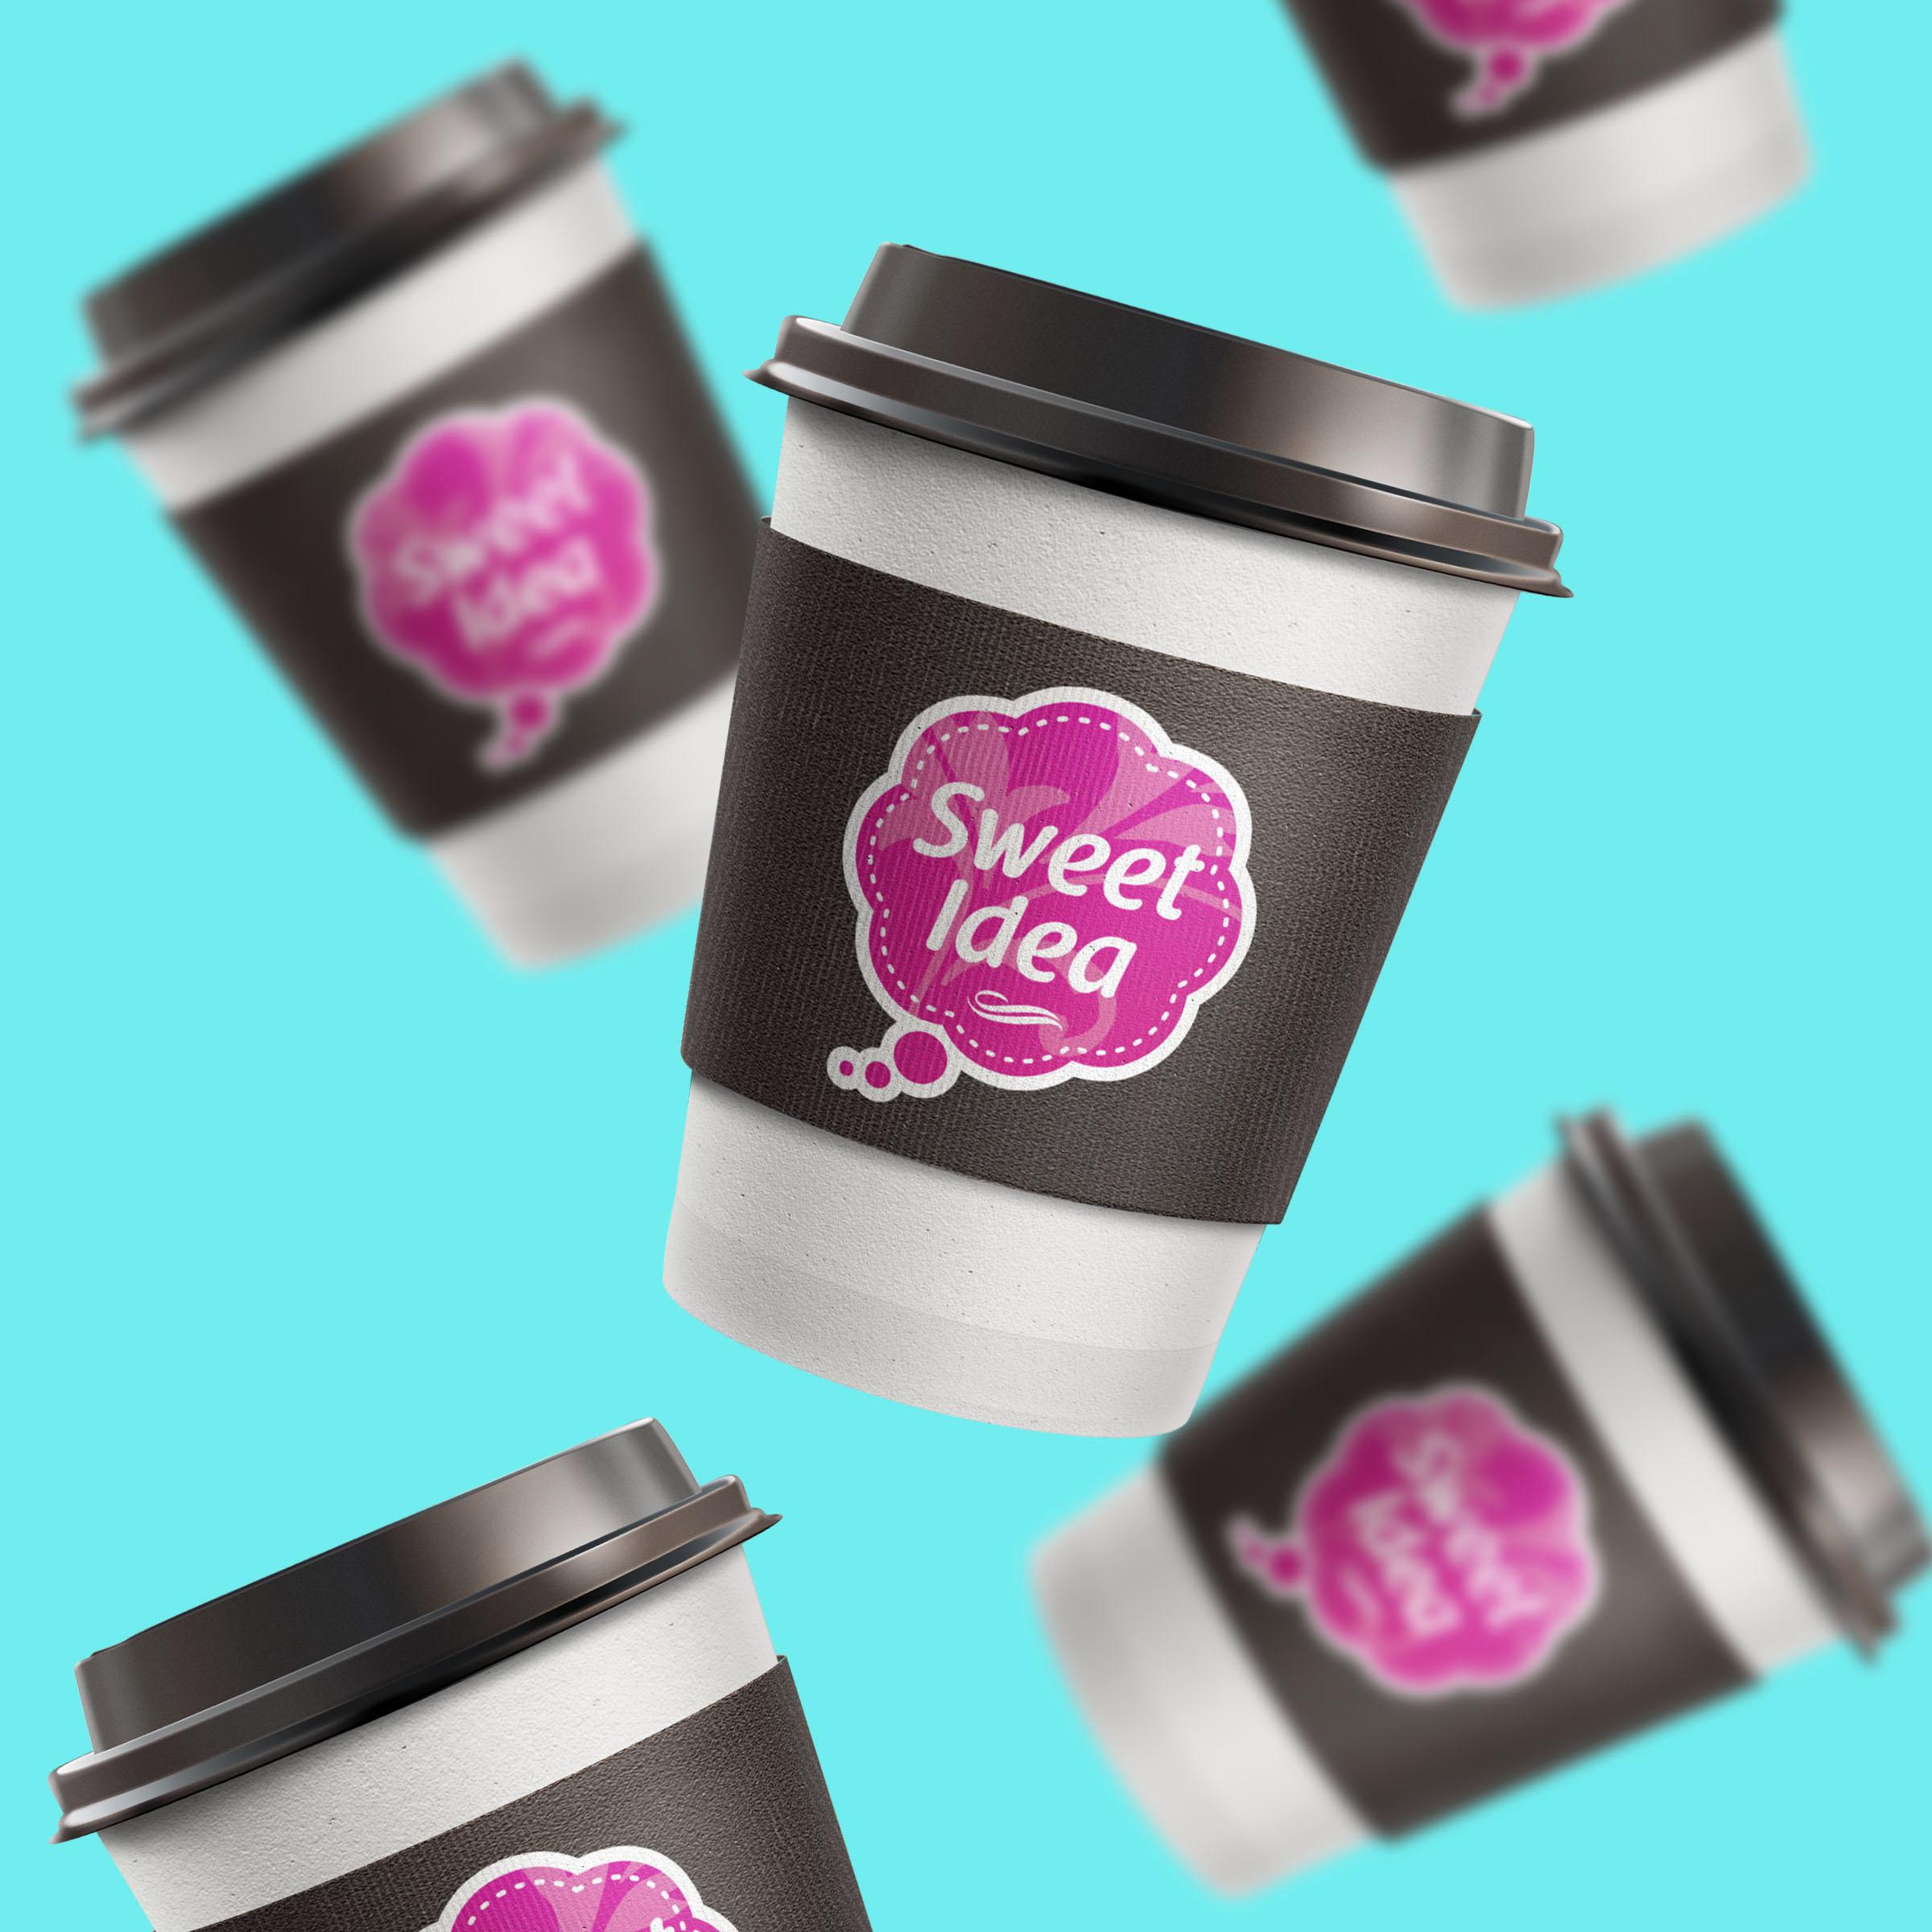 sweet-idea-embalagens-03b-v2